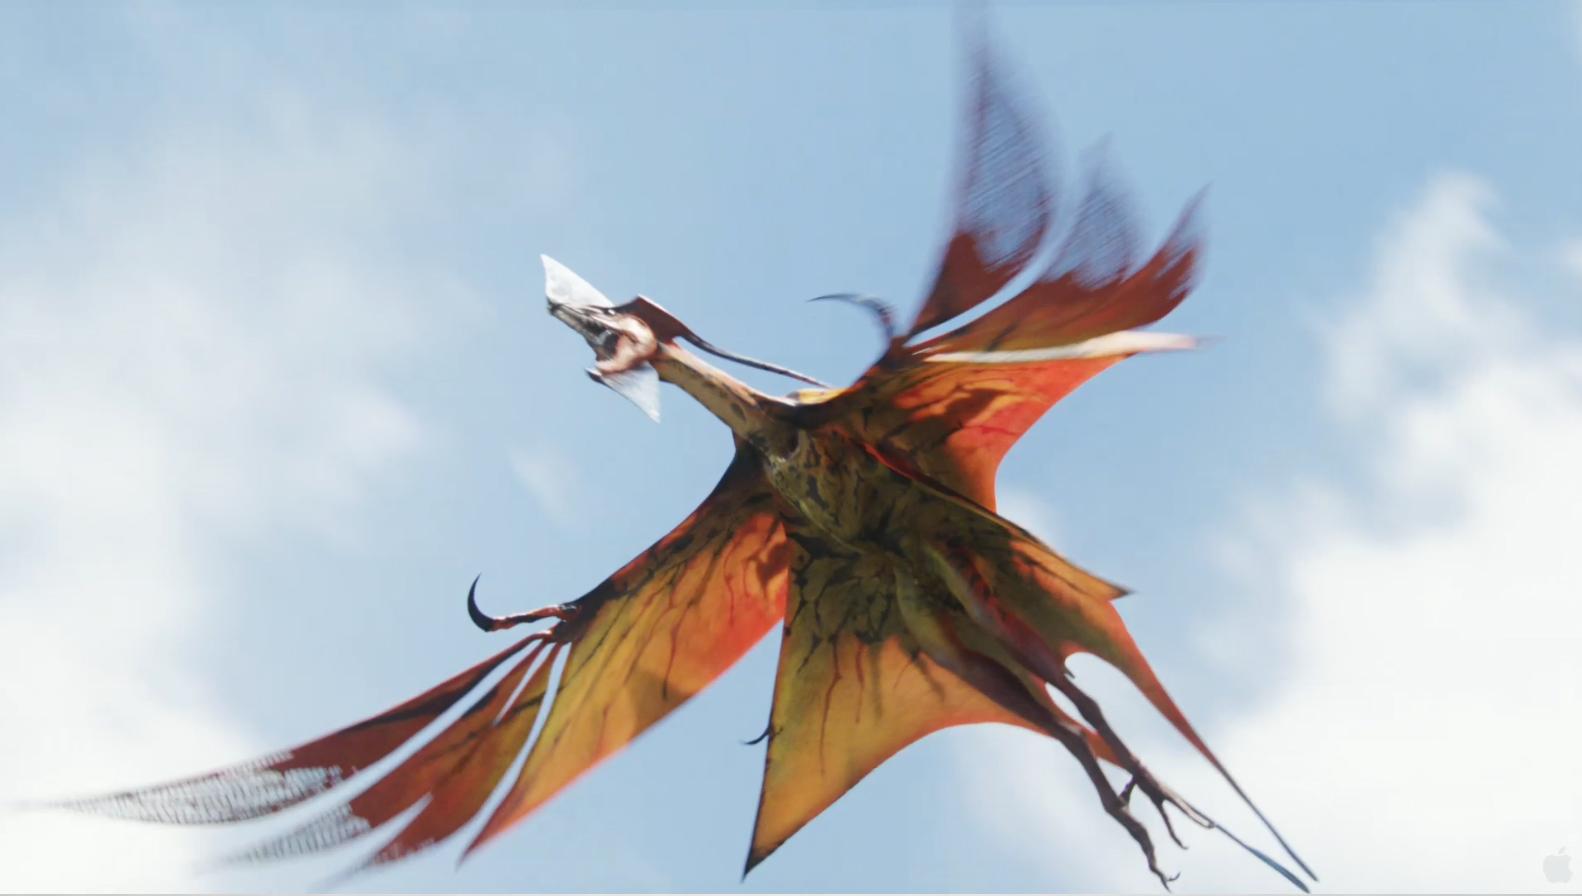 image great leonopteryxjpg avatar wiki fandom powered by wikia